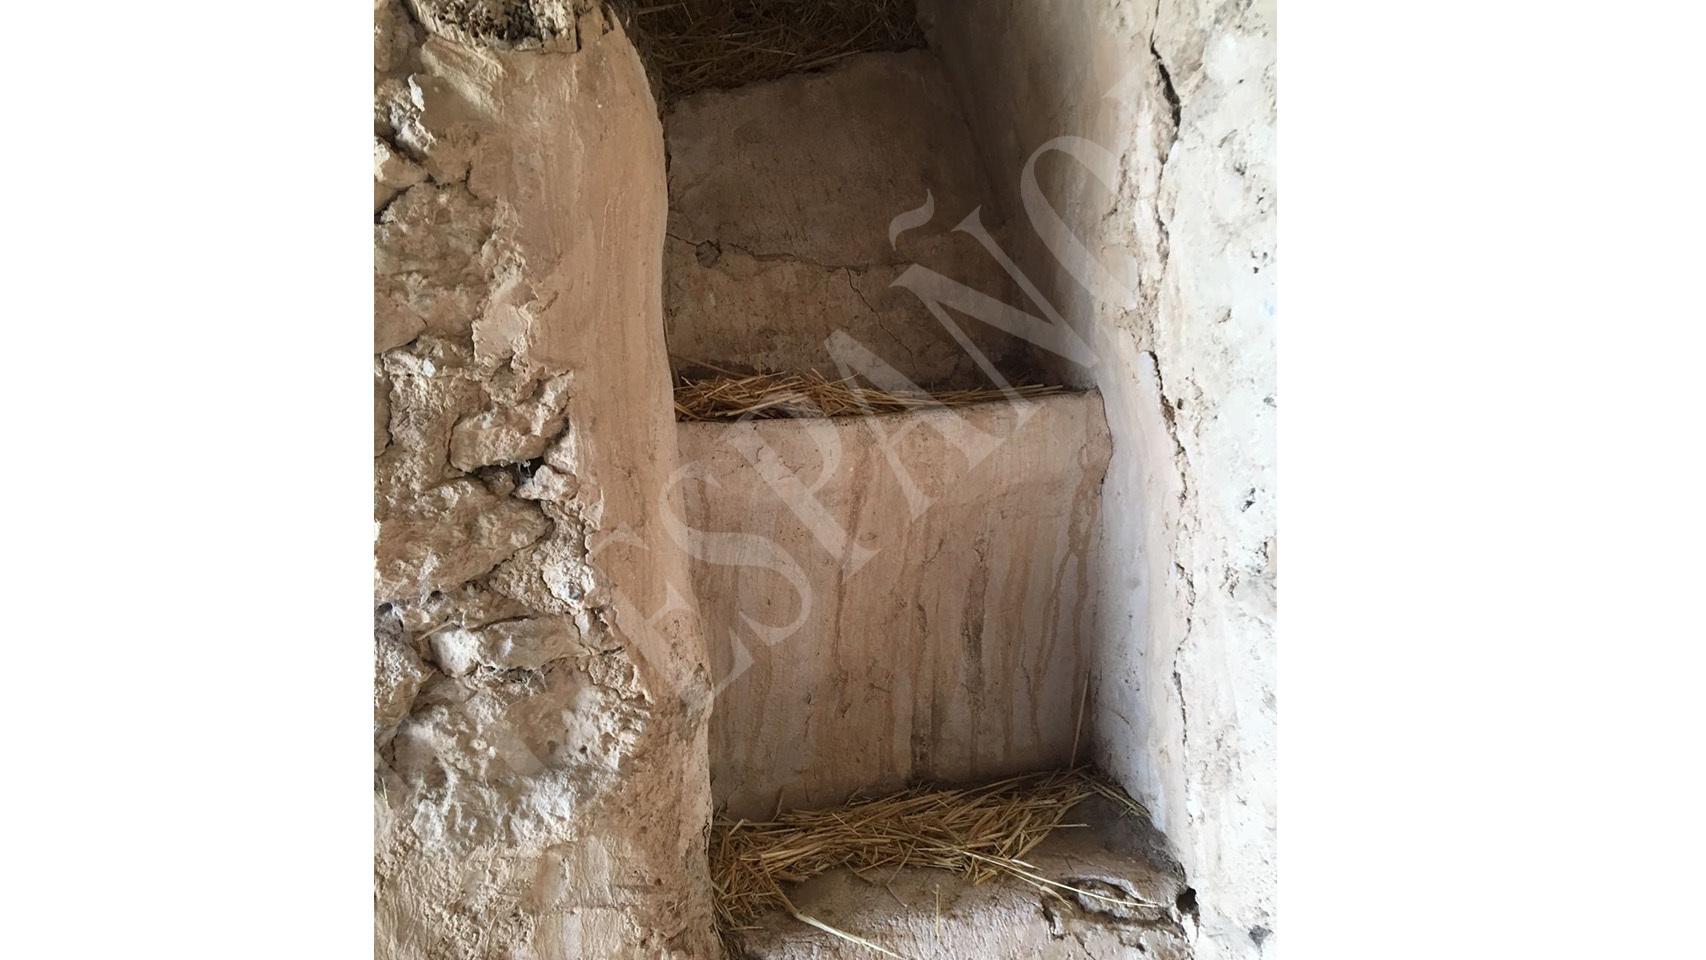 El acceso al pajar donde se escondía Igor 'el Ruso'